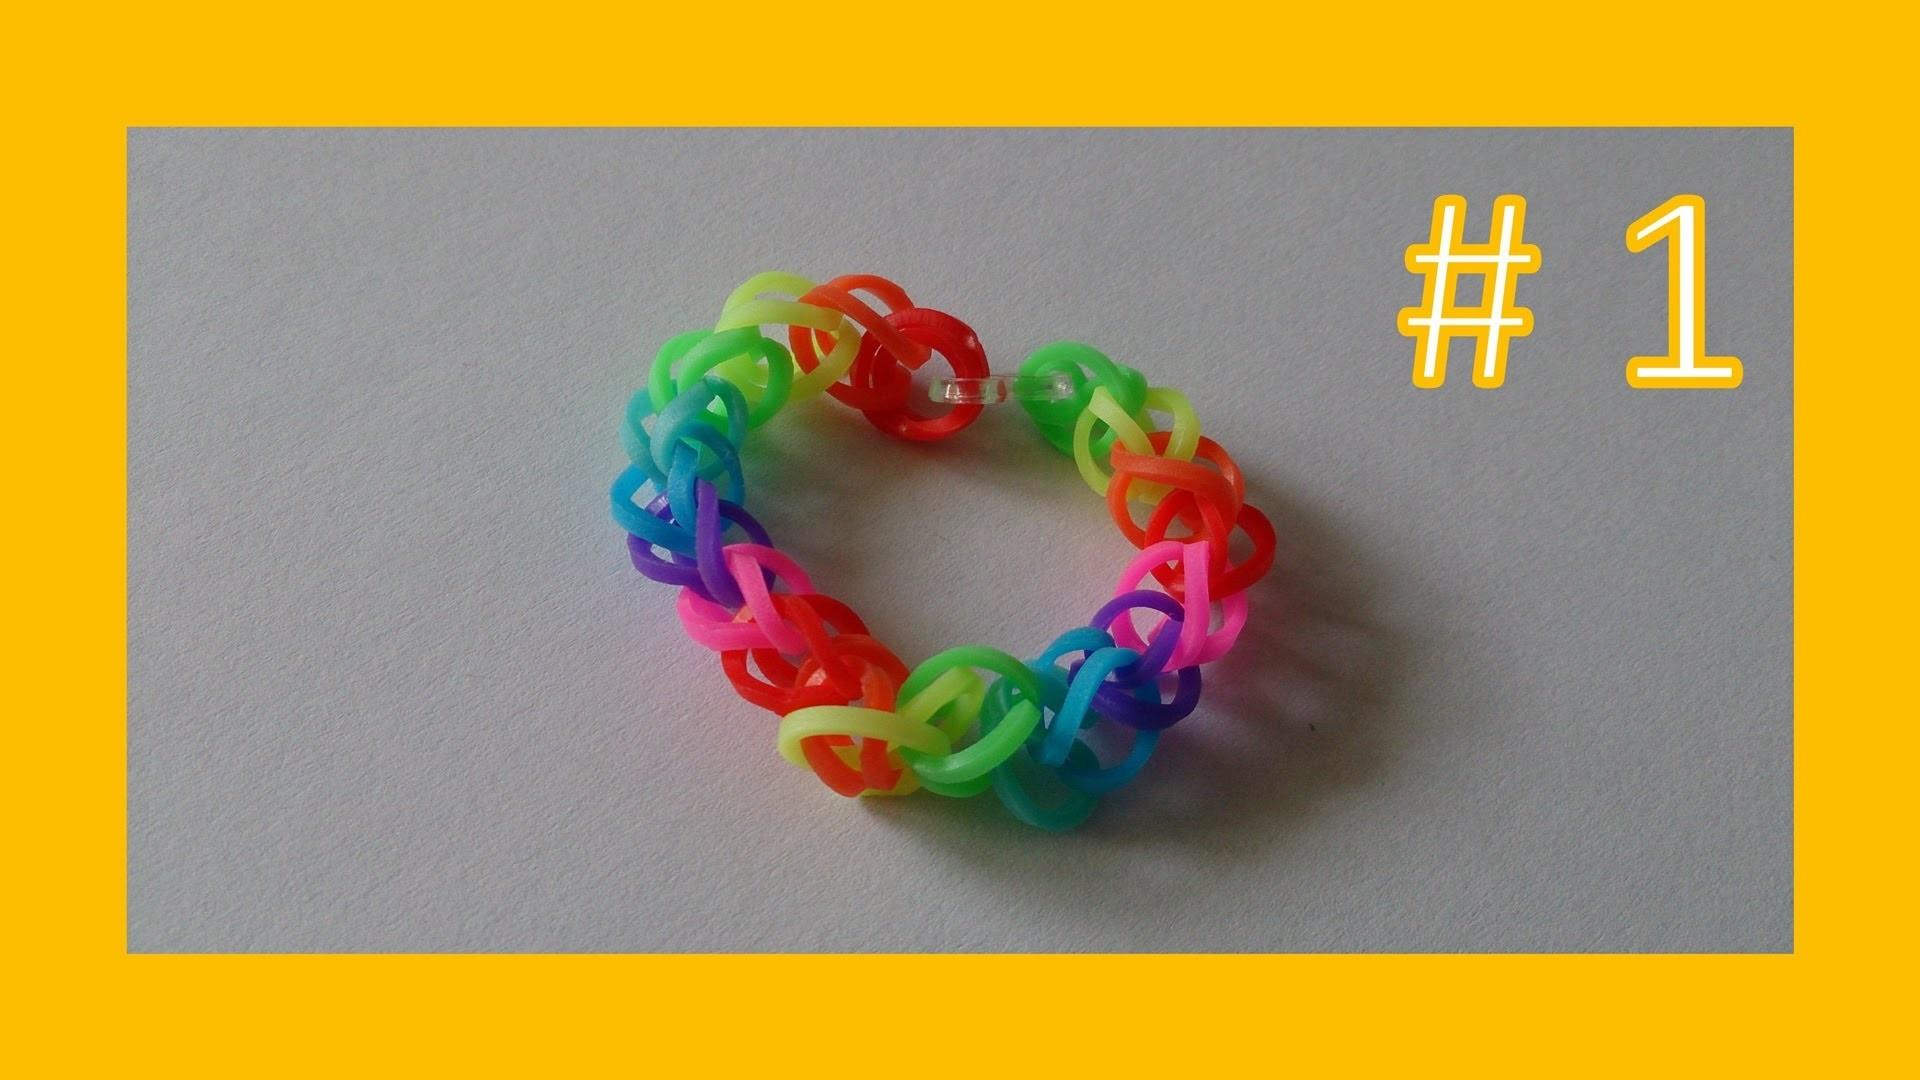 LEKCJA #1 - Gumki Rainbow Loom - MatyldaTV - bransoletki z gumek - bransoletka podstawowa